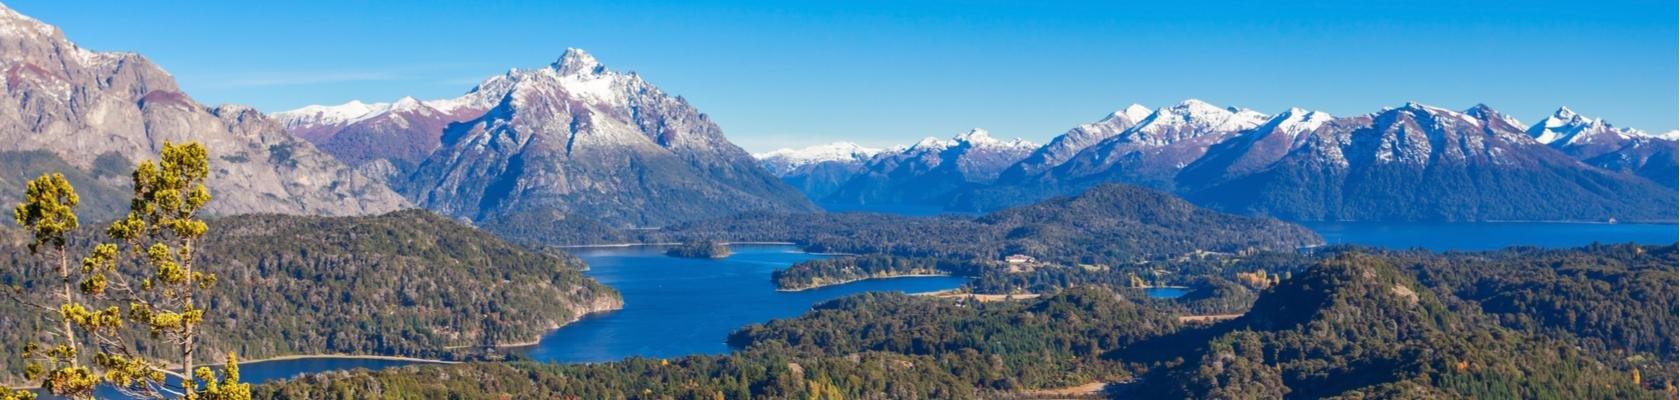 Merengebied Bariloche